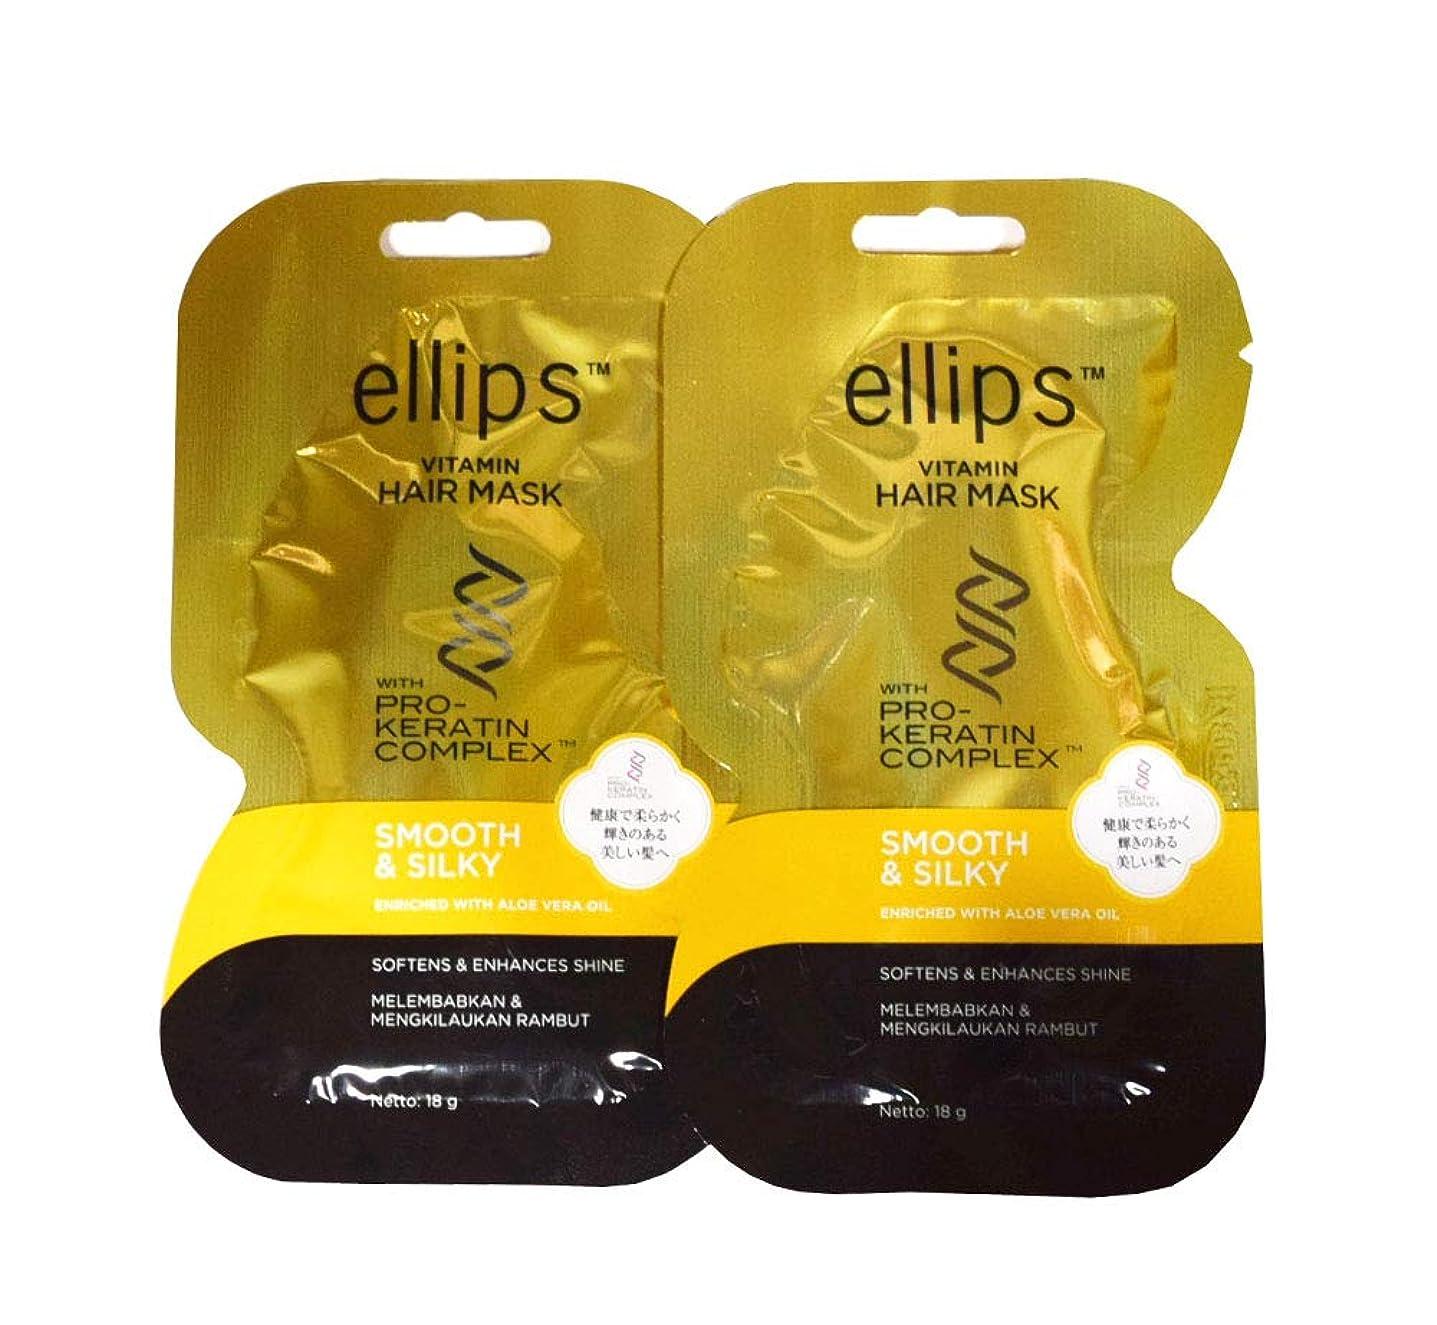 素子つば動物ellips エリップス PRO KERATIN COMPLEX プロ用 ヘアマスク ヘアパック シートタイプ 洗い流すヘアトリートメント ピンク 日本語成分表記 正規品 (イエロー)